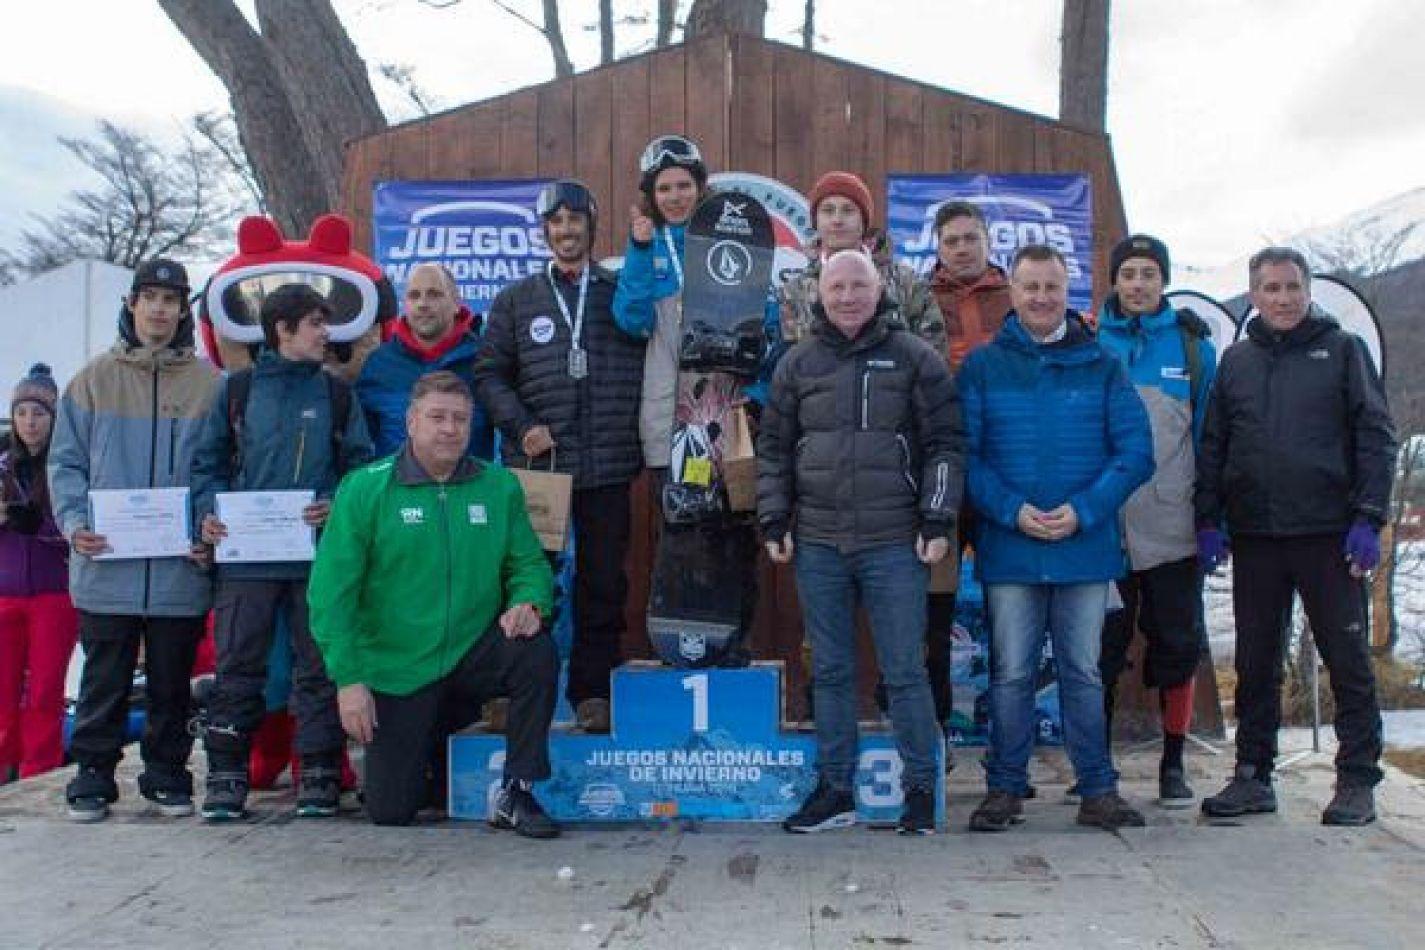 Tierra del Fuego hizo podios en el primer día de Juegos de Invierno